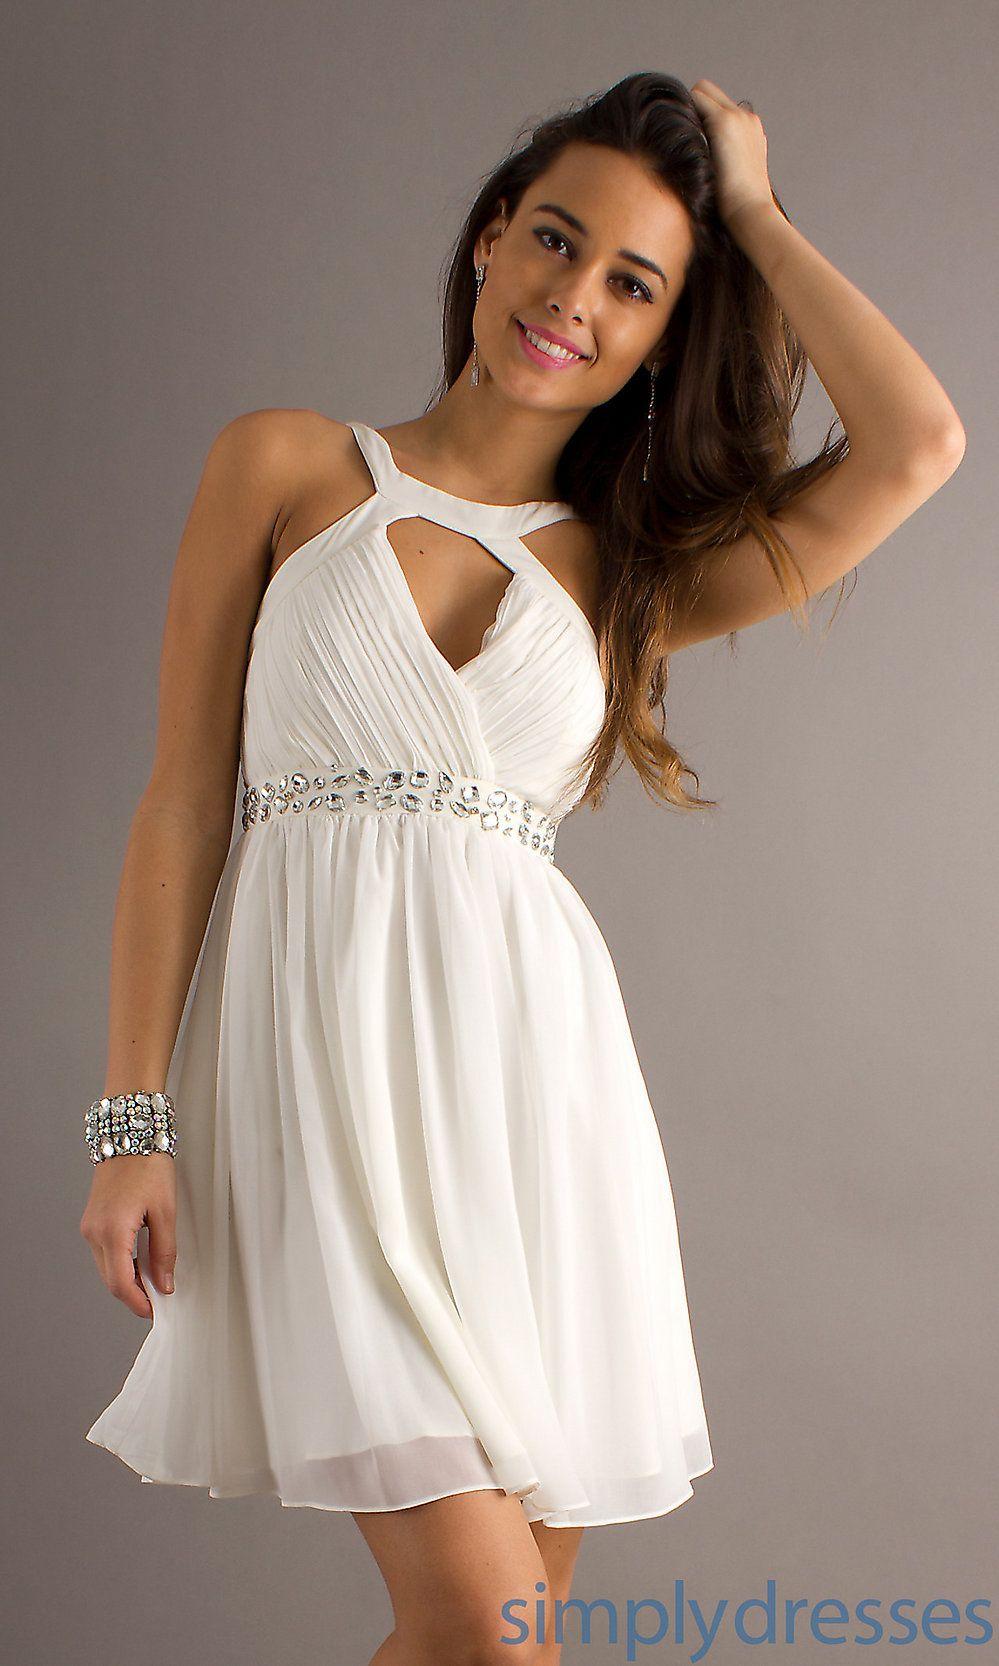 Short white dresses short sleeveless white dress janell wedding